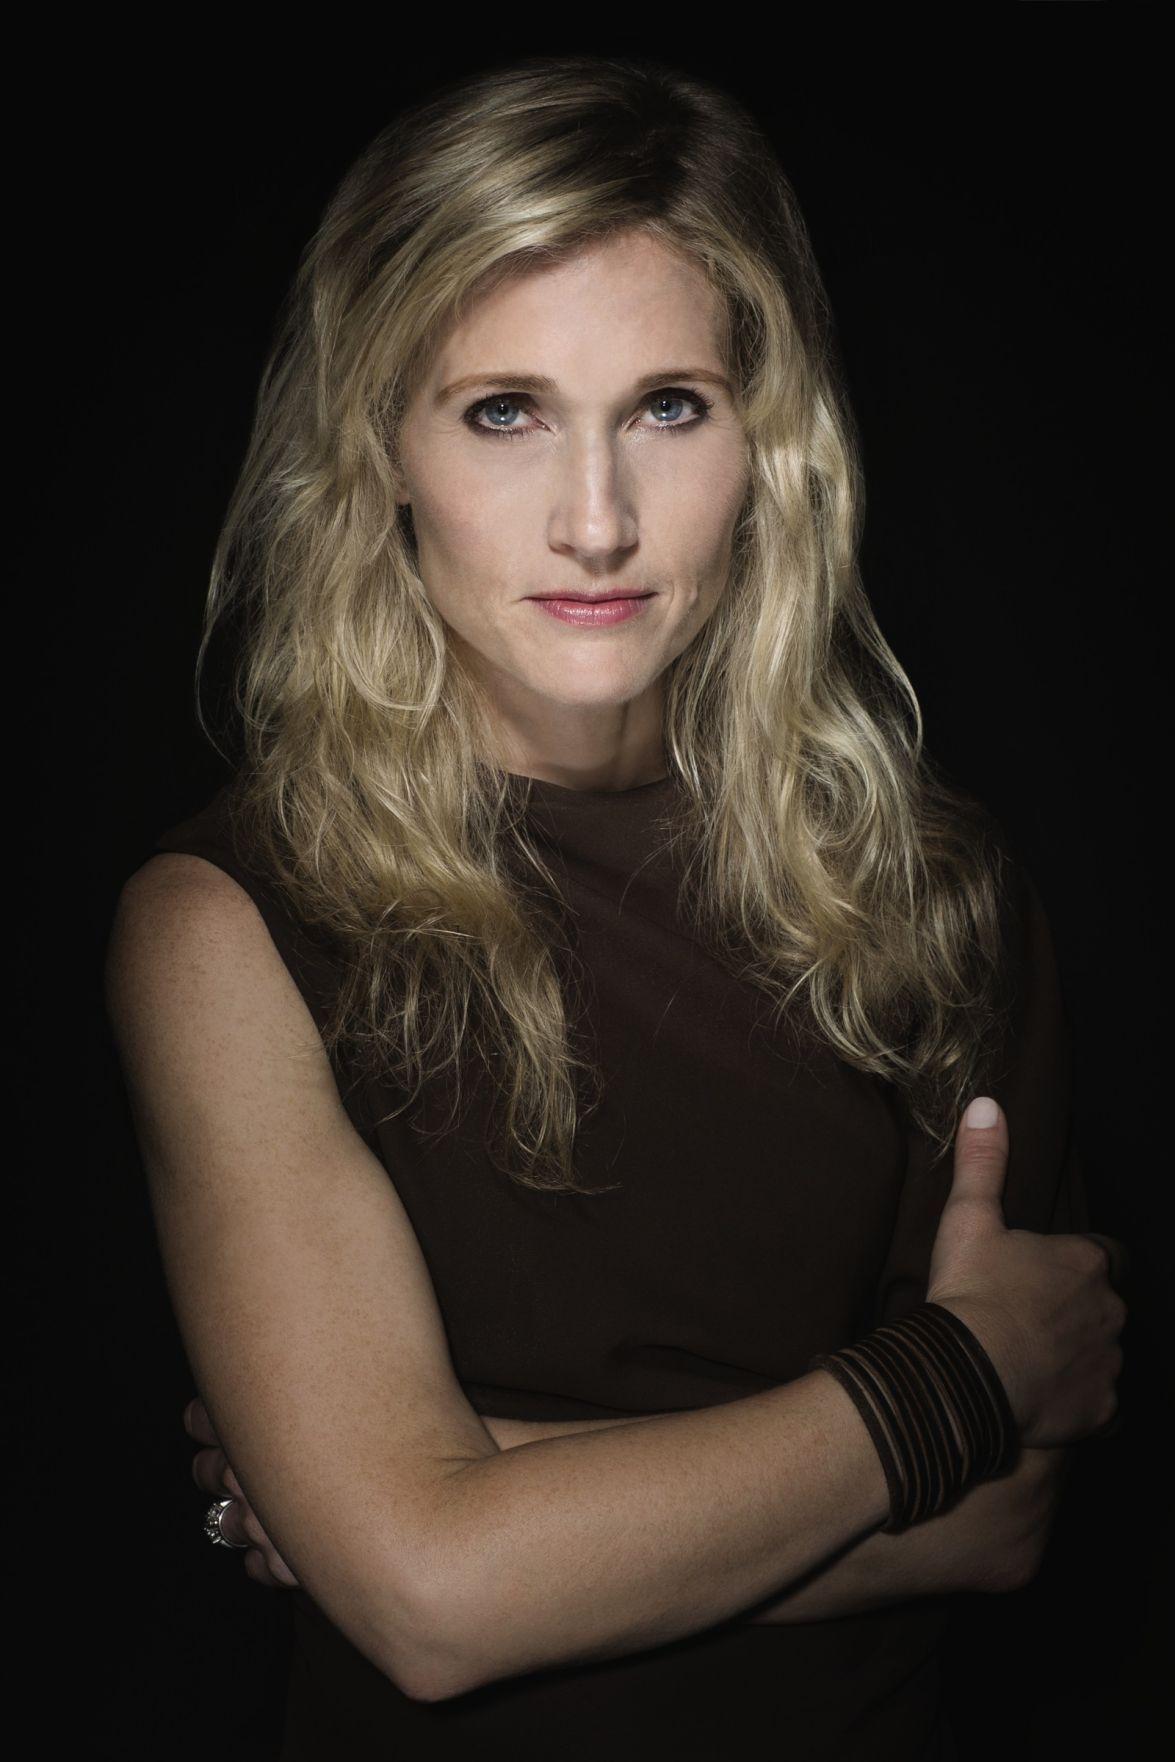 Author Kimberly McCreight